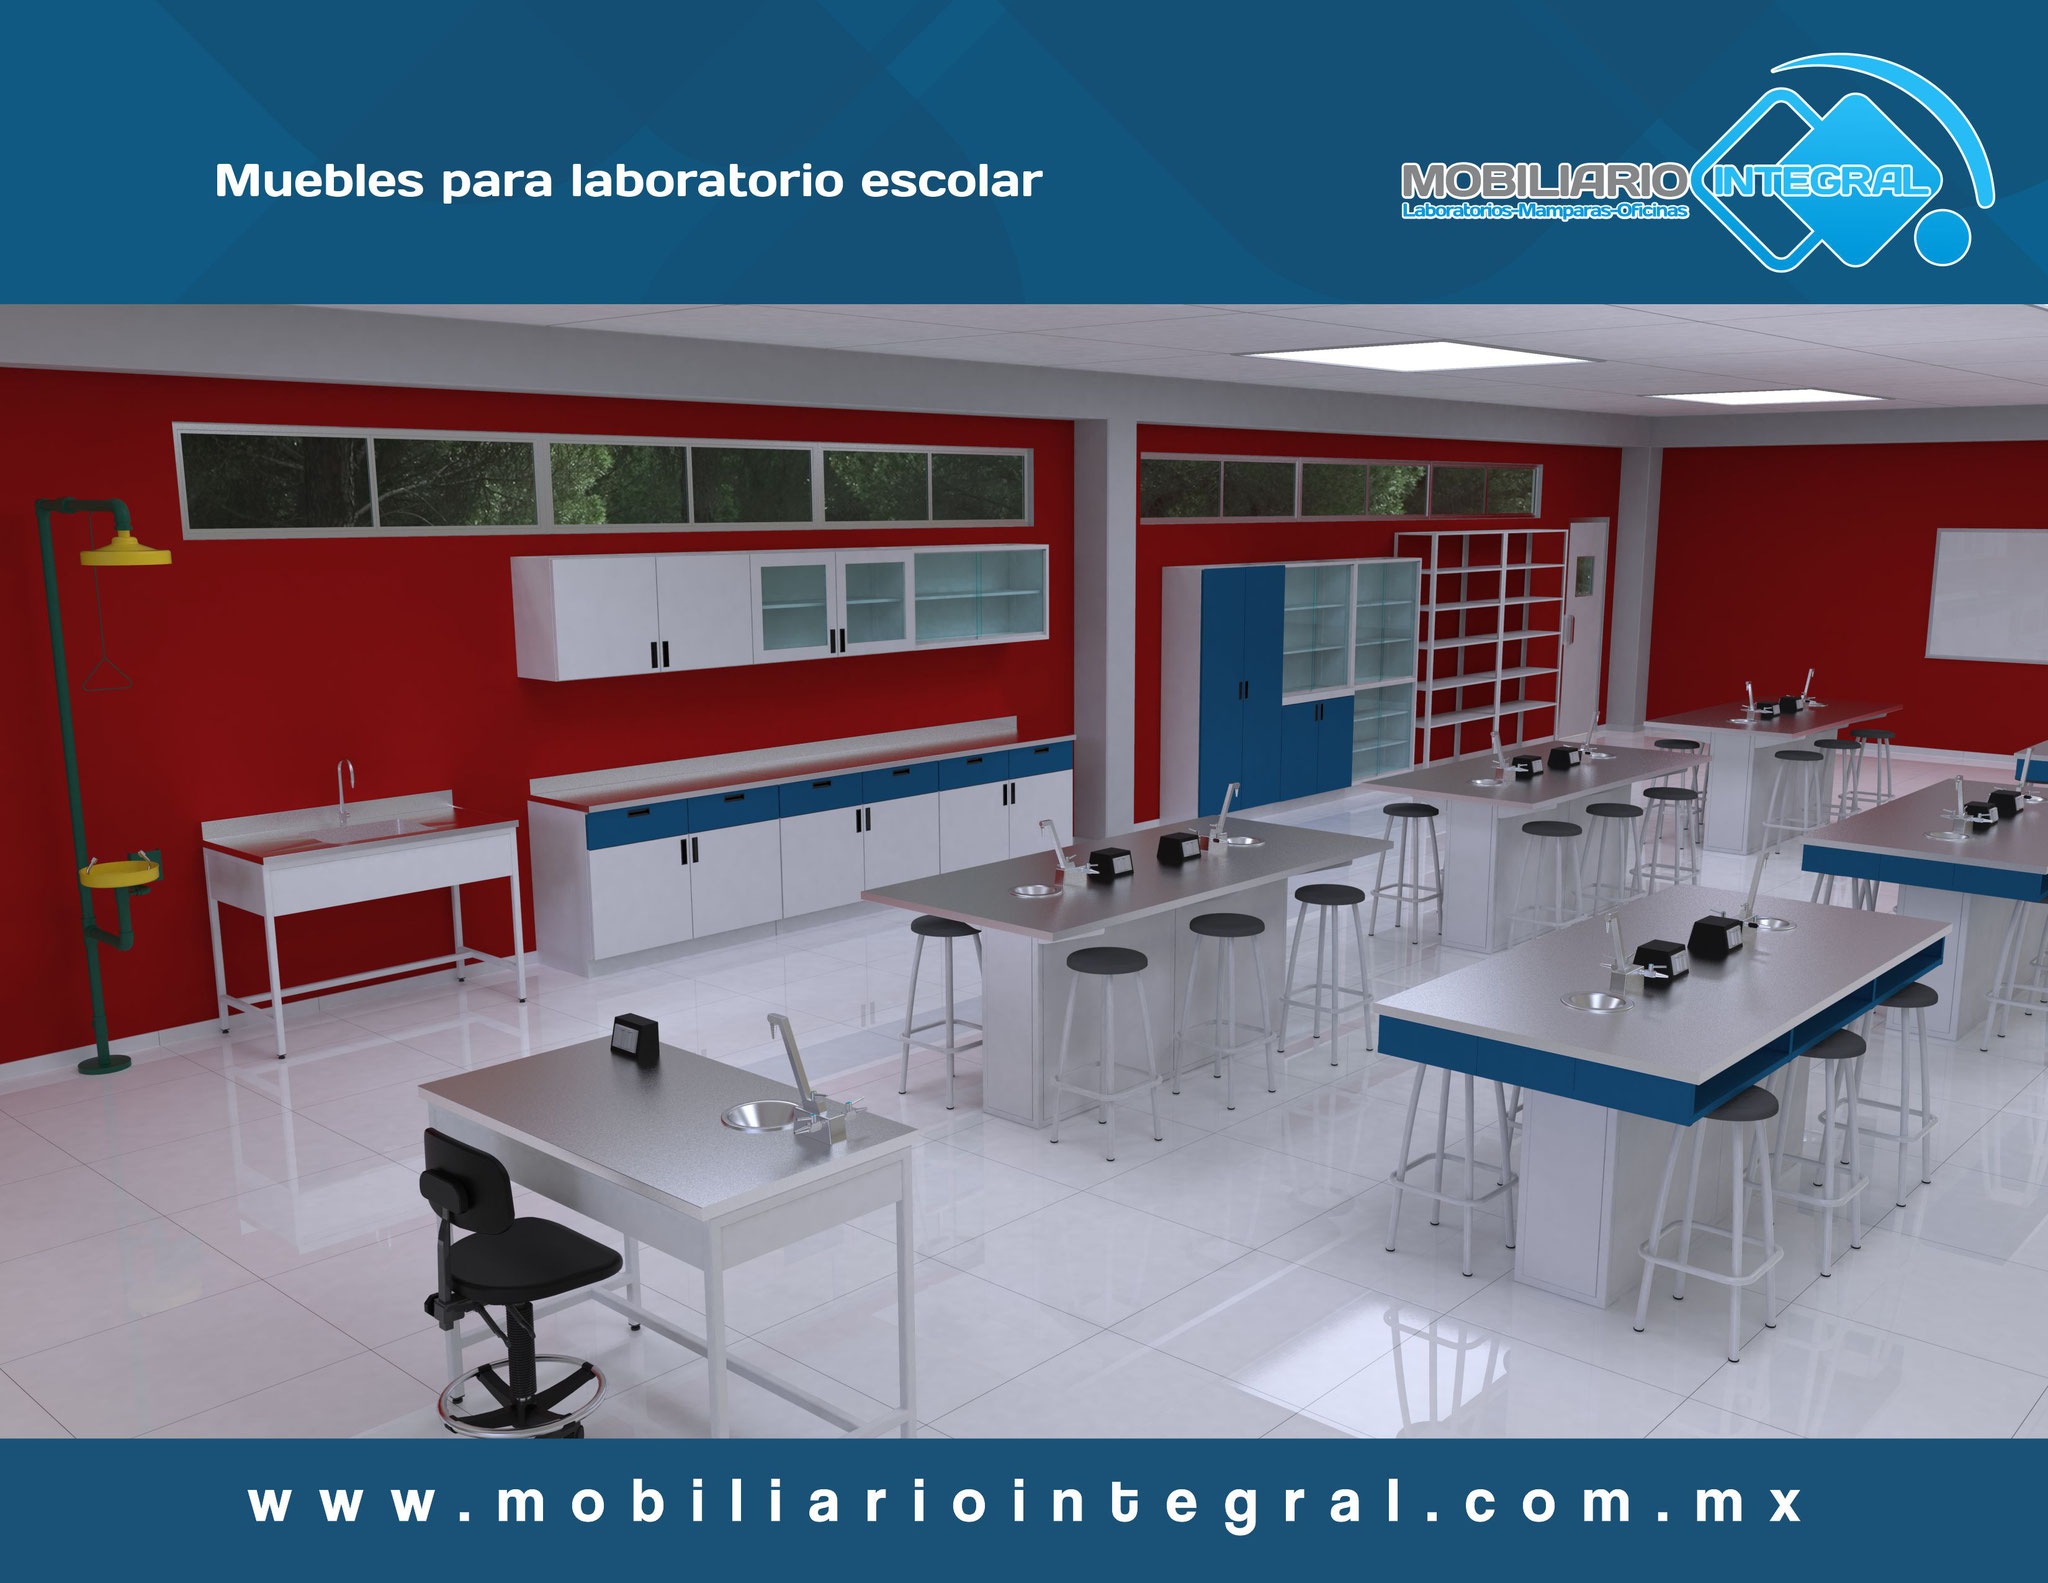 Muebles para laboratorio escolar Hidalgo